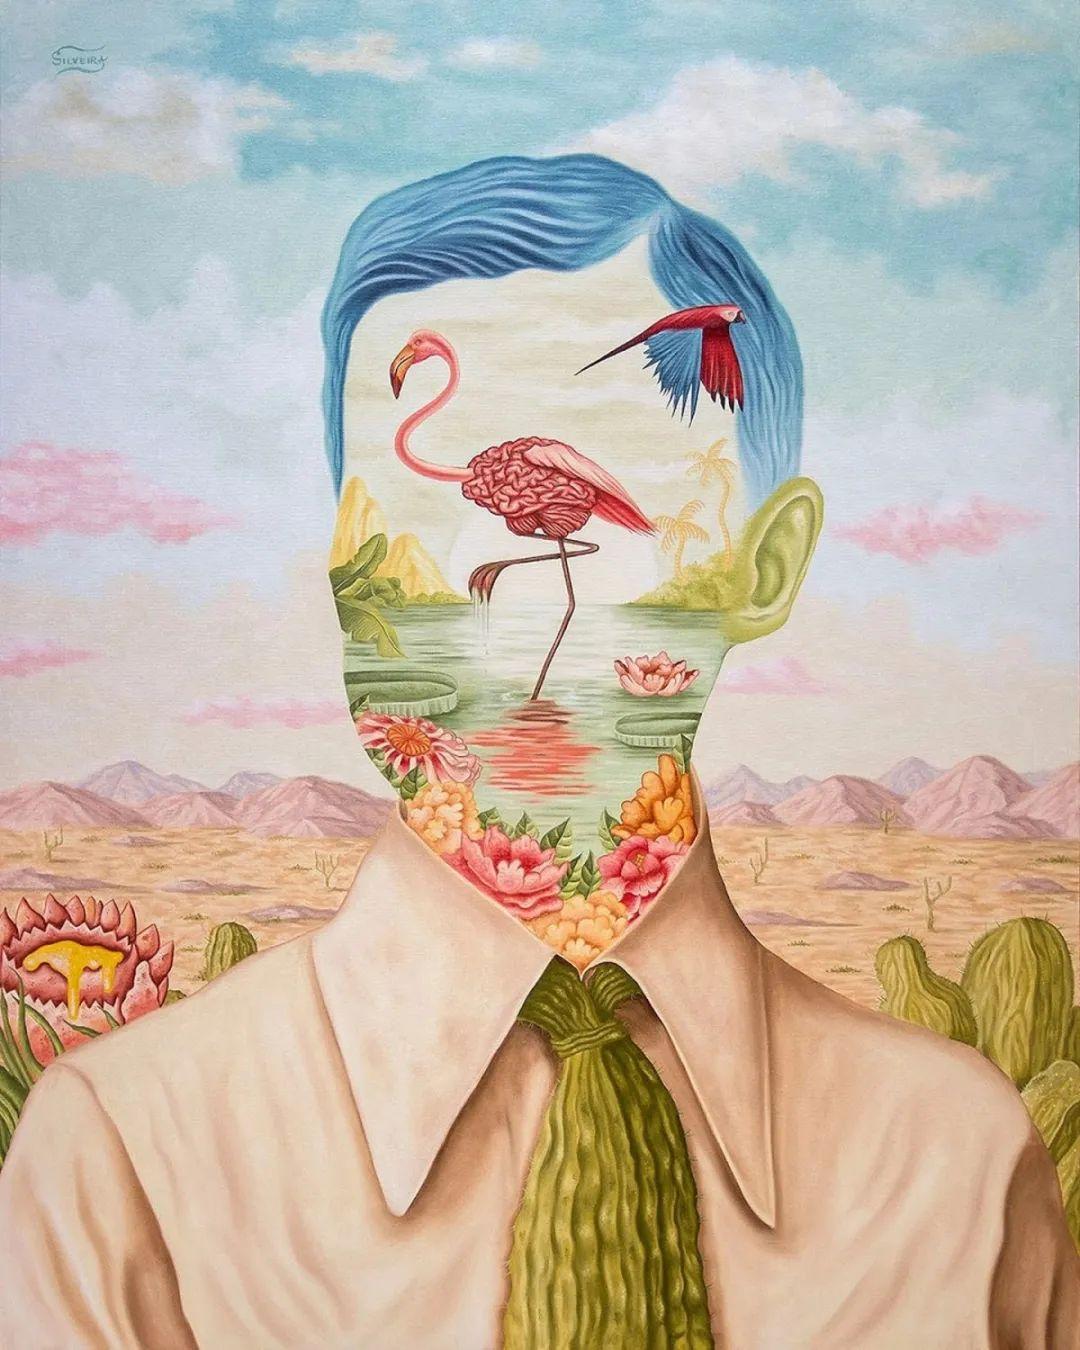 超凡的想象力,Rafael Silveira超现实主义肖像插画插图21